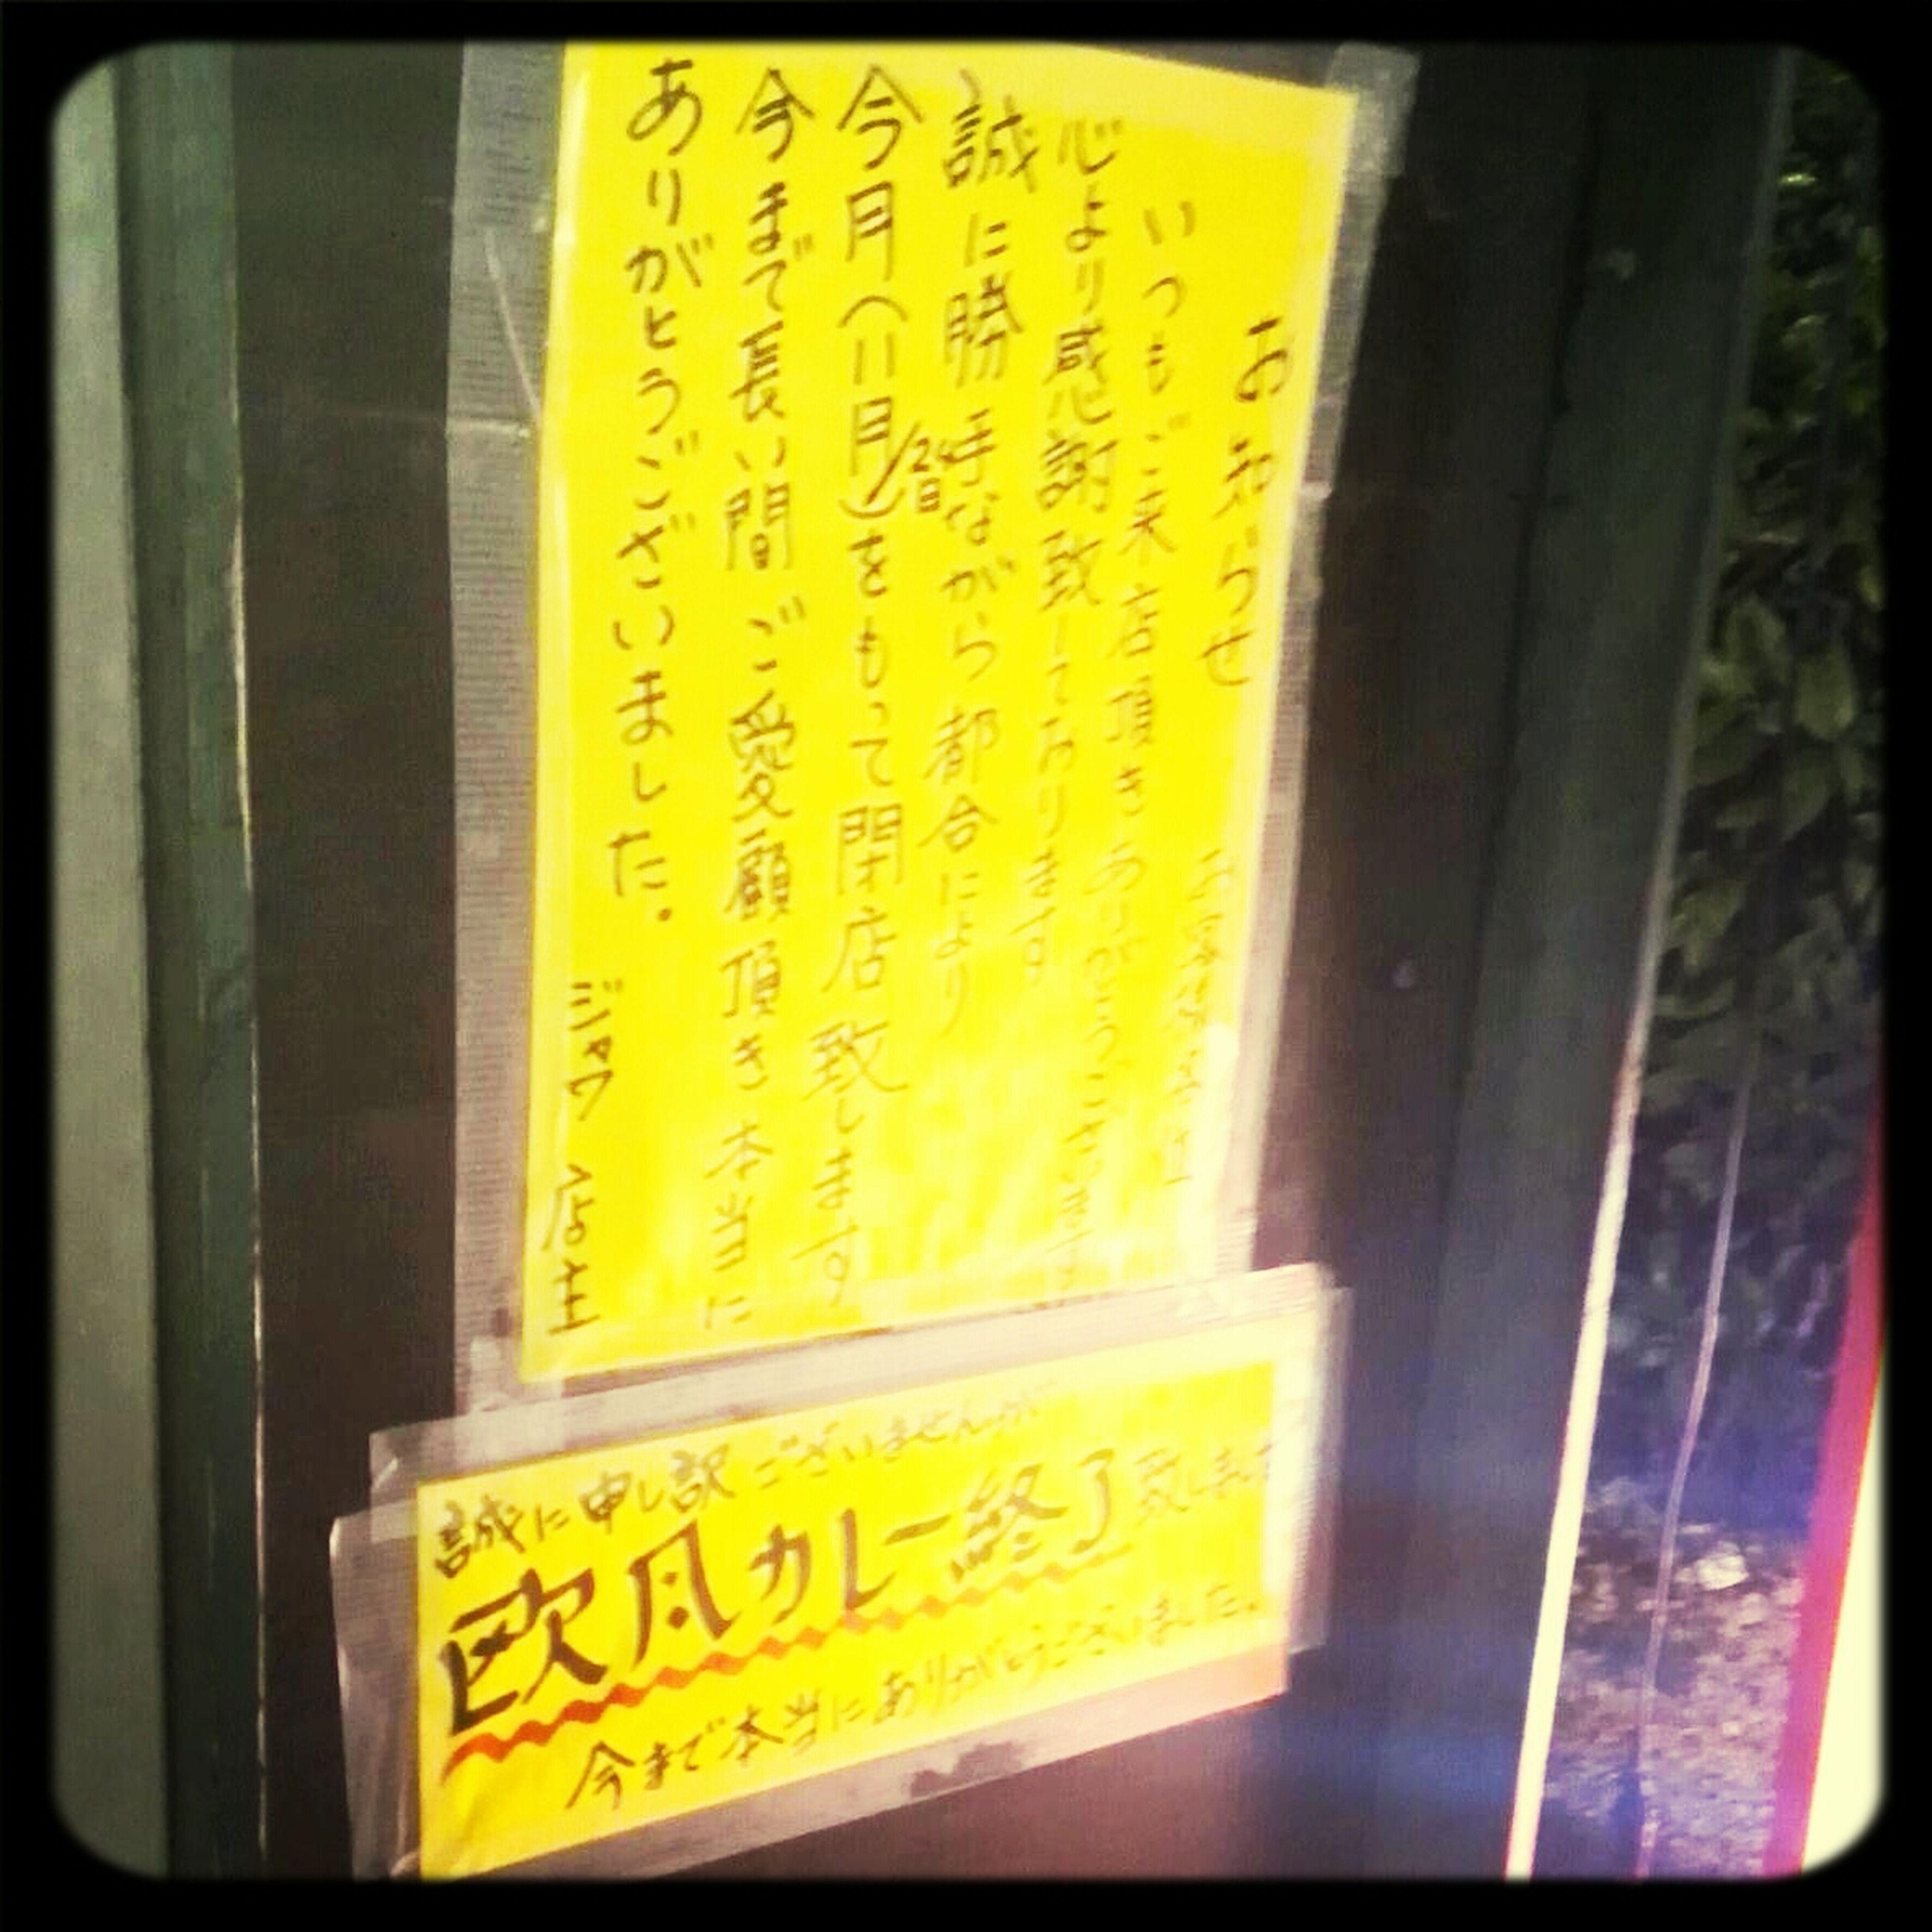 欧風カレーは終了だそうです。川越キッチンジャワ。閉店自体も前倒しになりそうな気配。